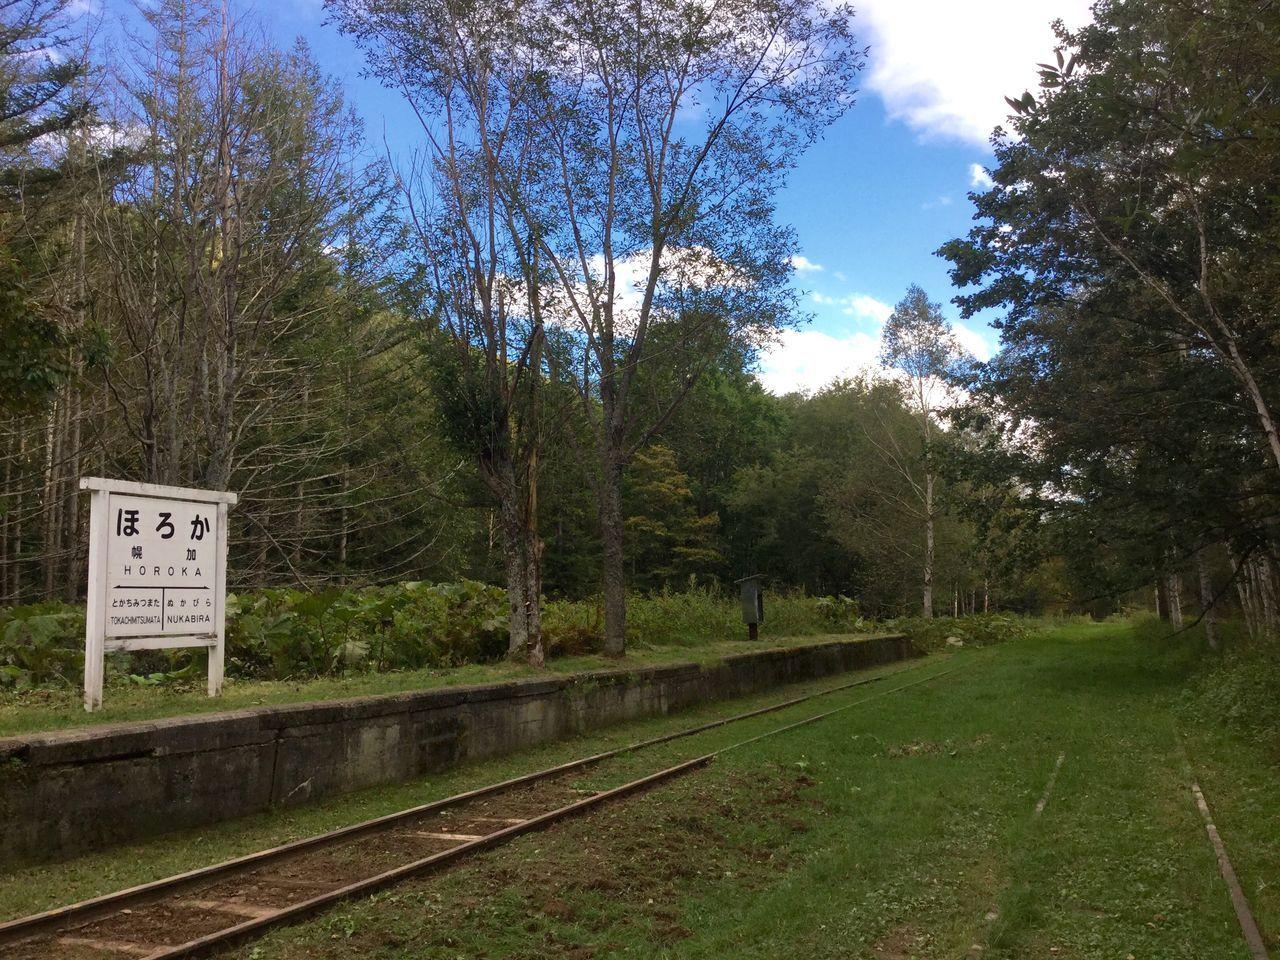 旧幌加駅跡は林業で栄えた当時の面影を偲ばせる貴重な産業遺産!